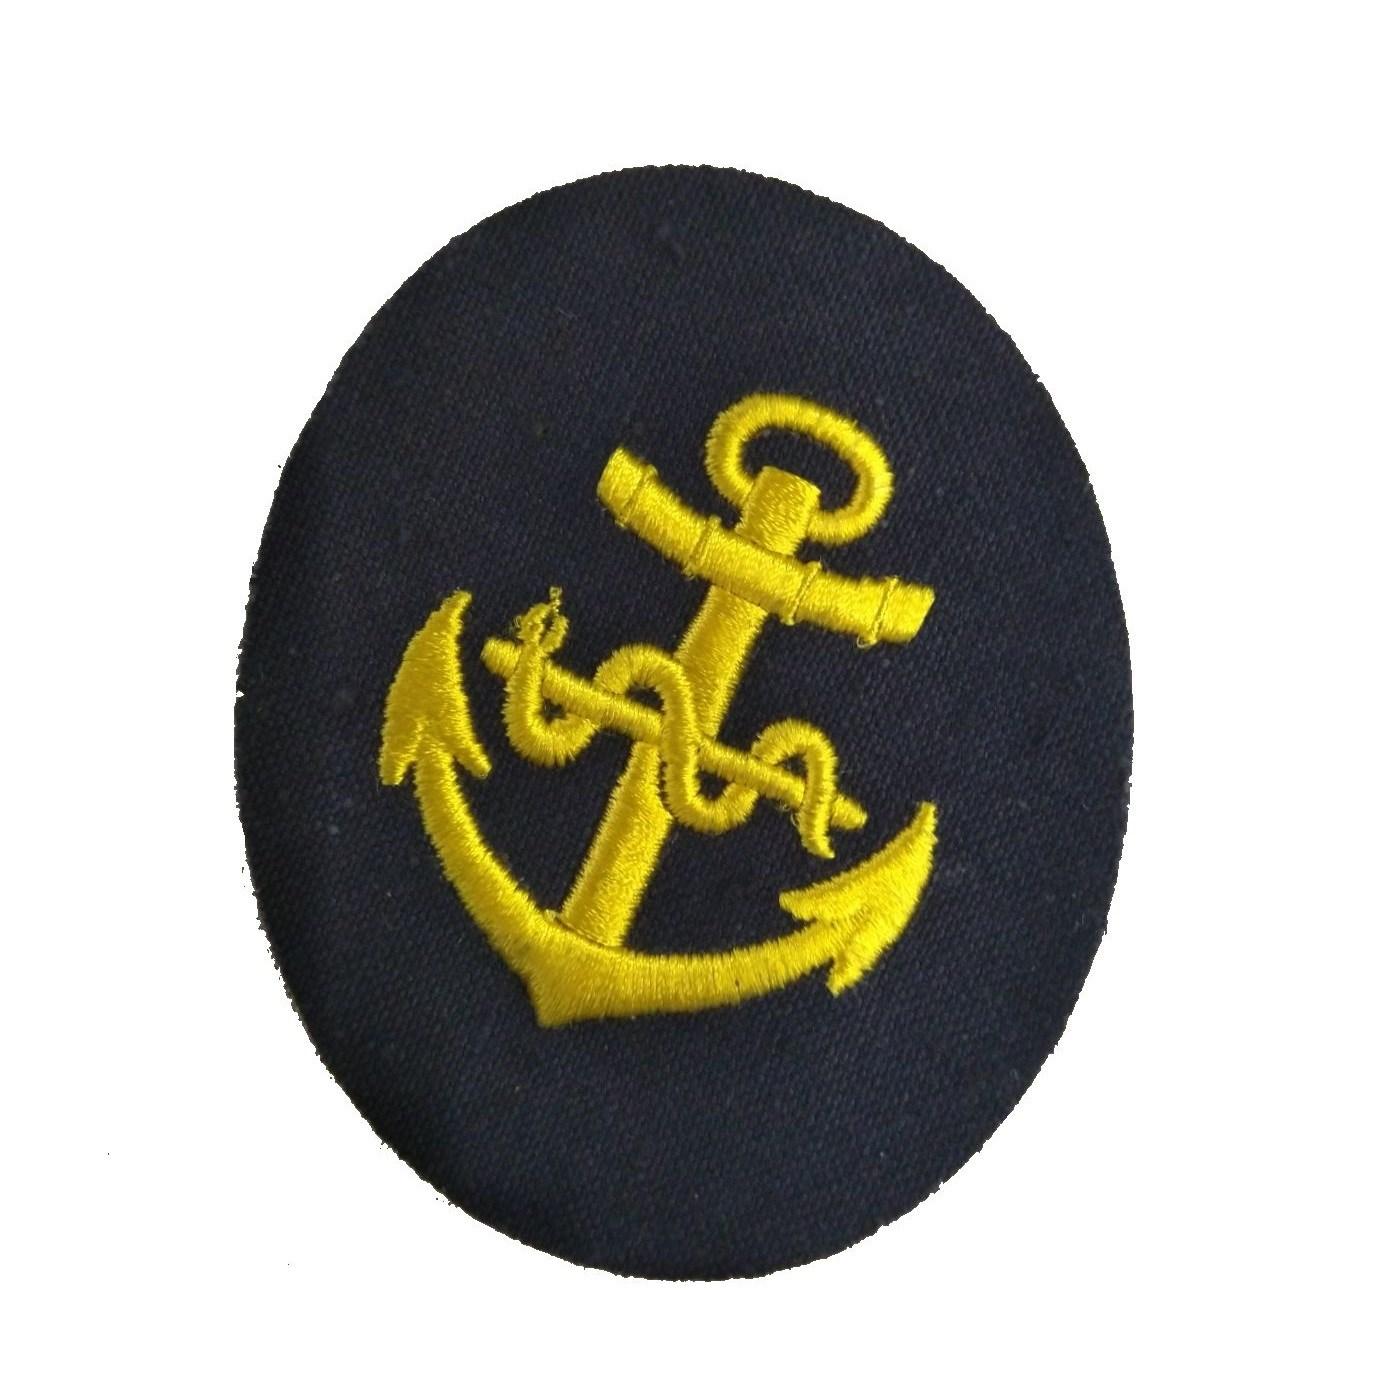 Nášivka námořních jednotek NVA ovál s kotvou a hadem